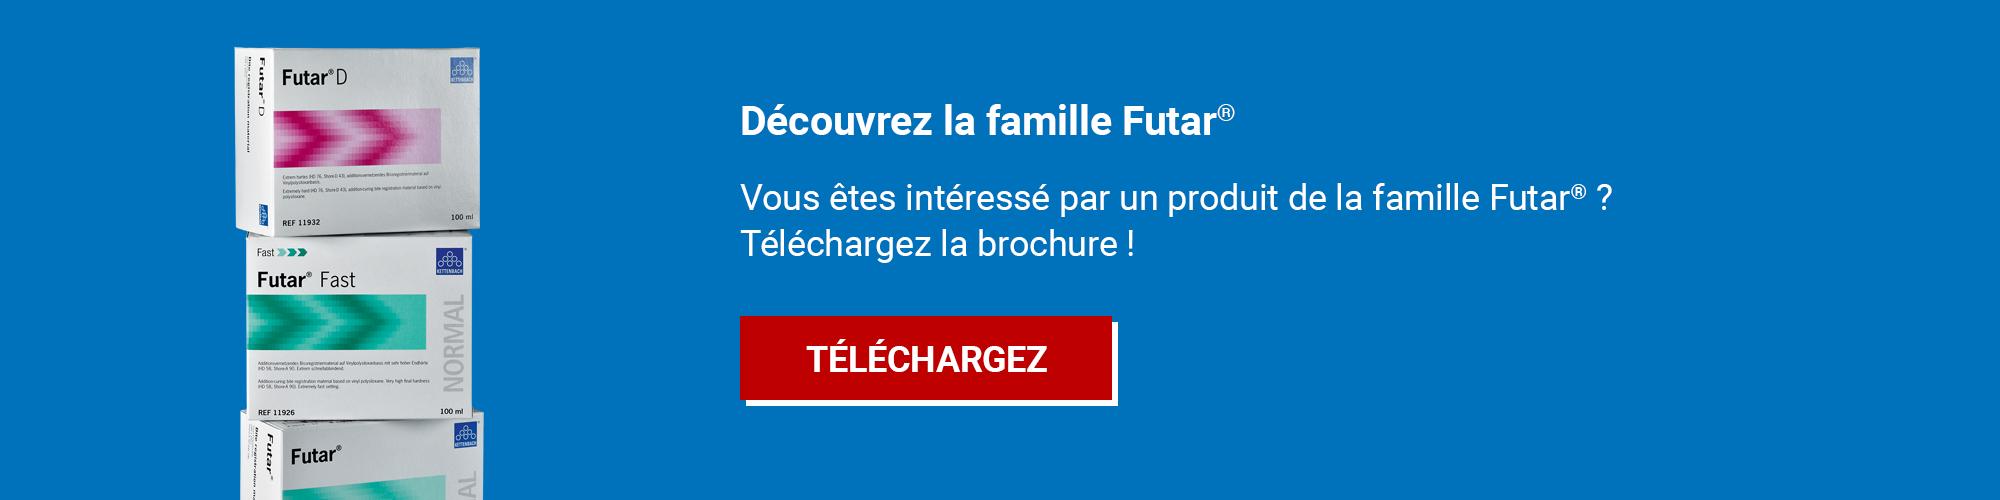 Futar family - Téléchargez la brochure